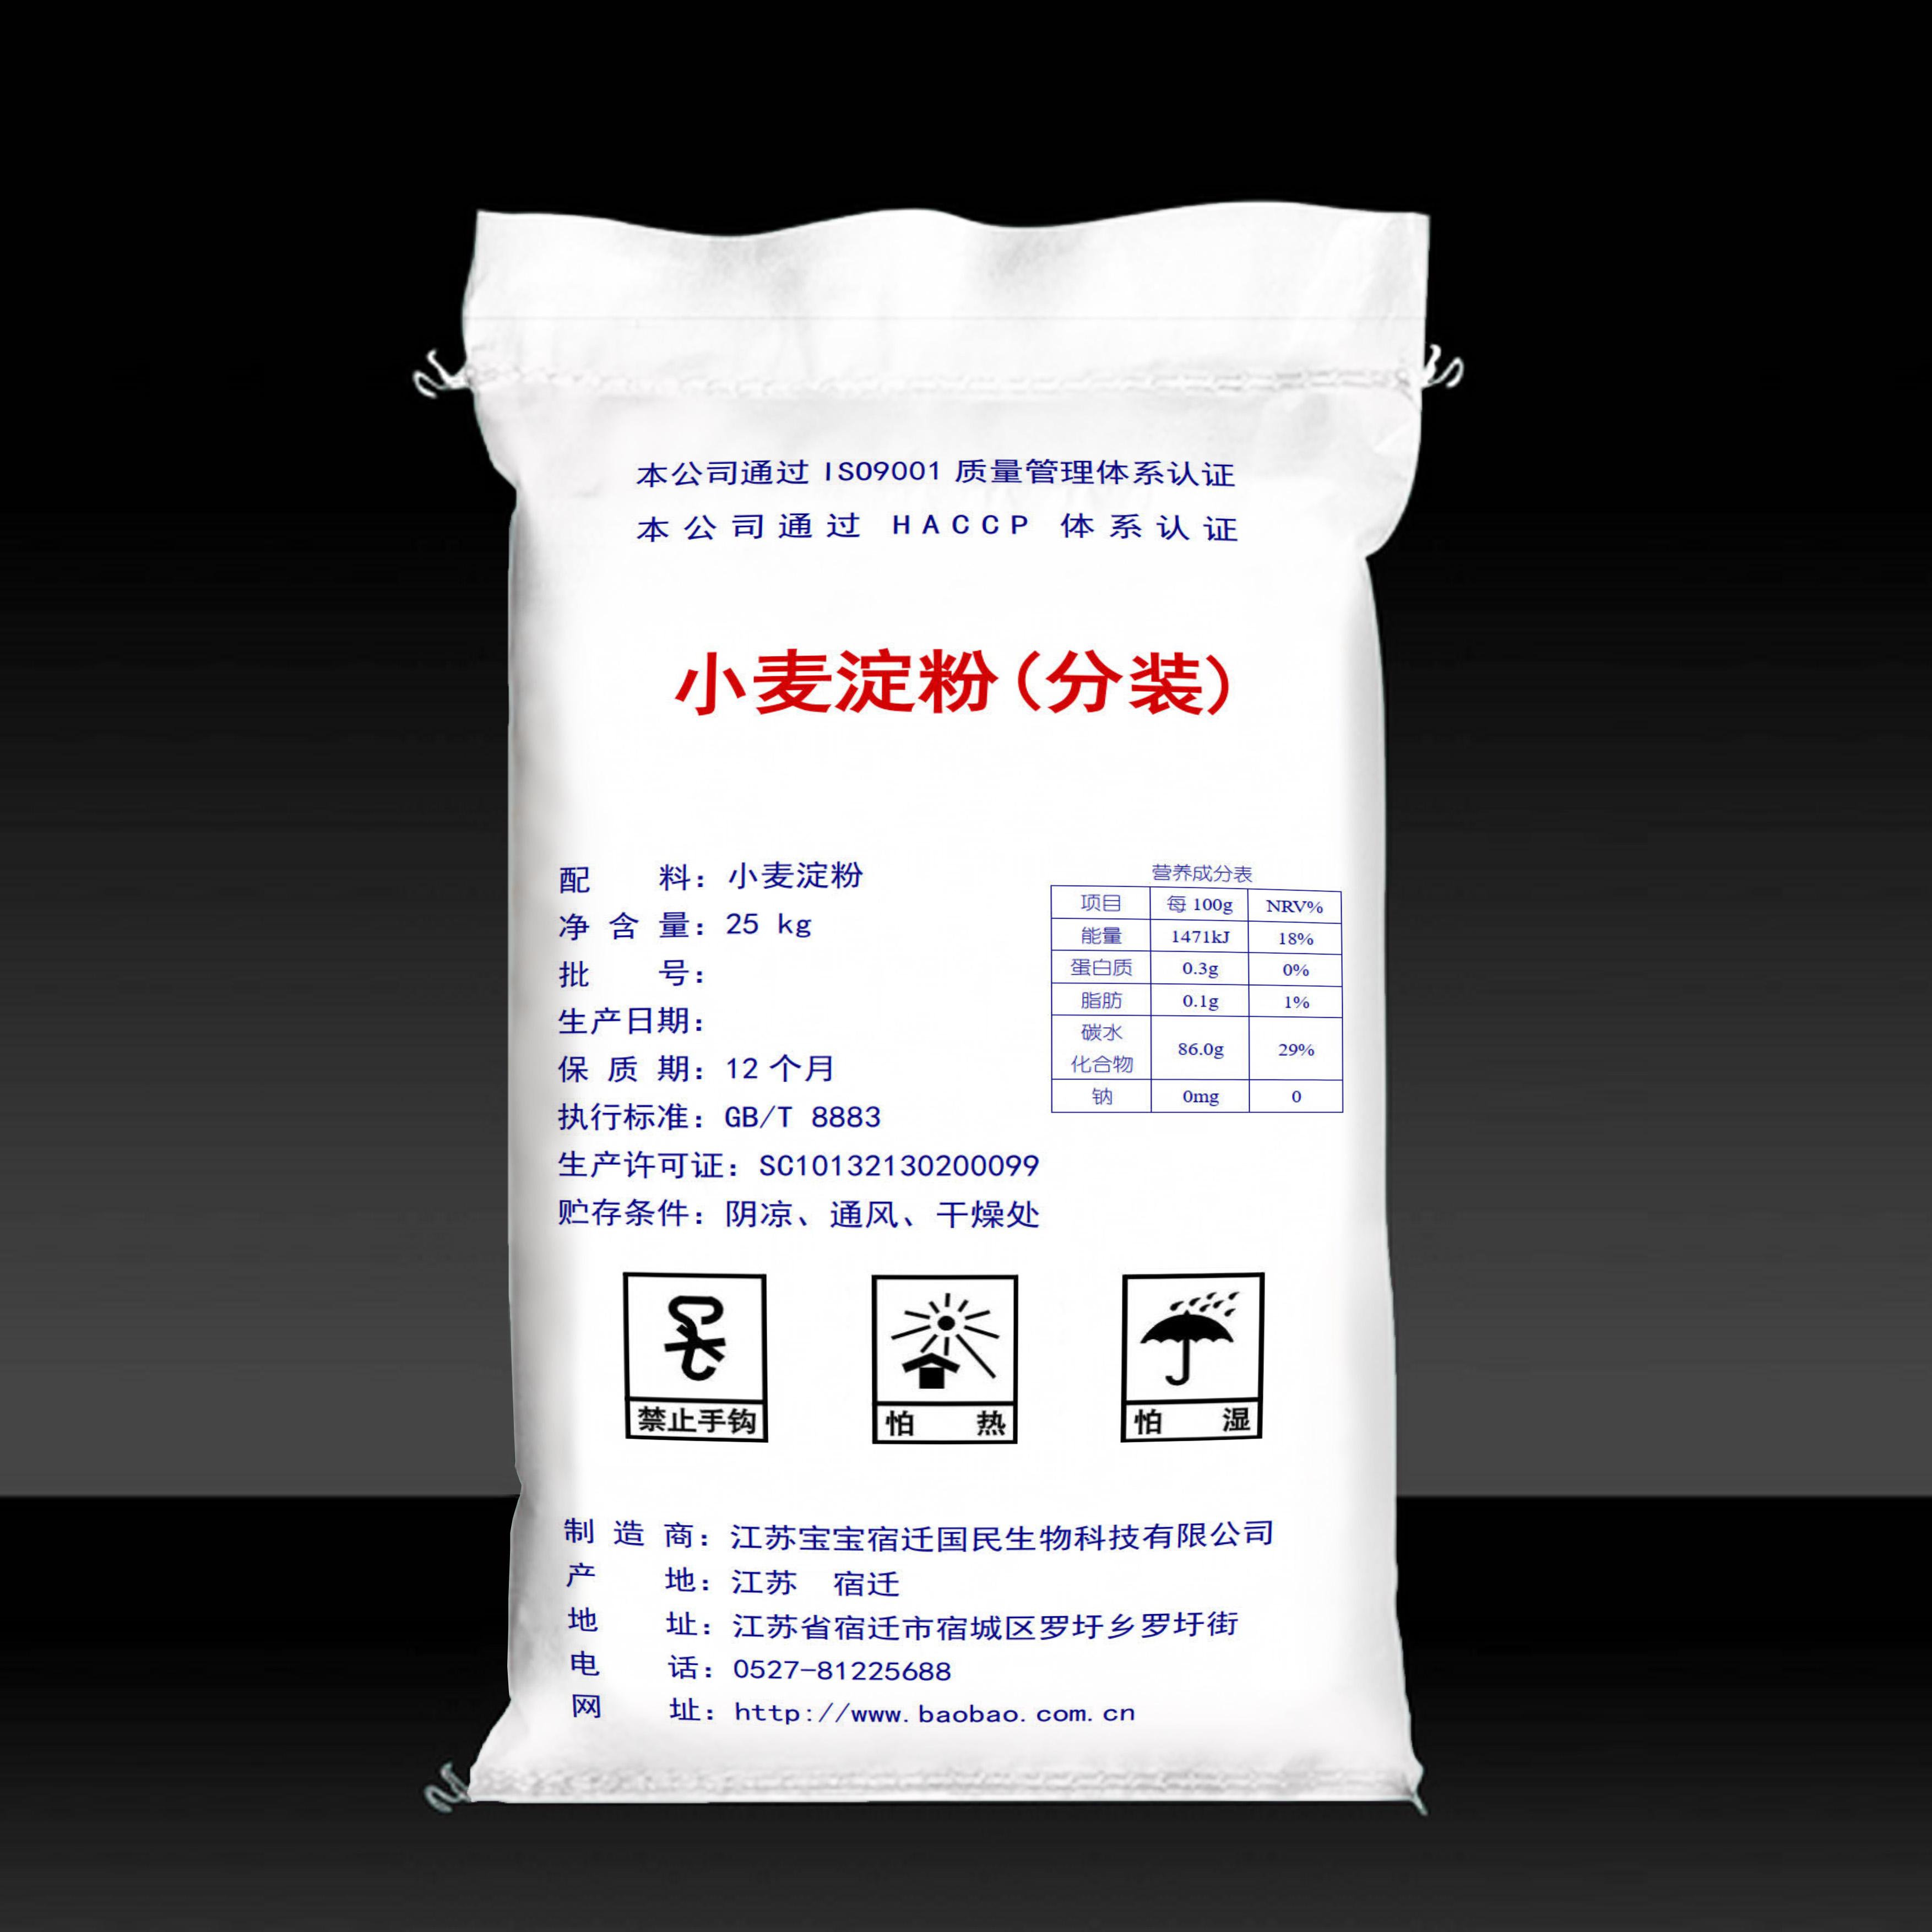 小麦淀粉 用于河粉、面包、糕点、馅料等食品的生产加工